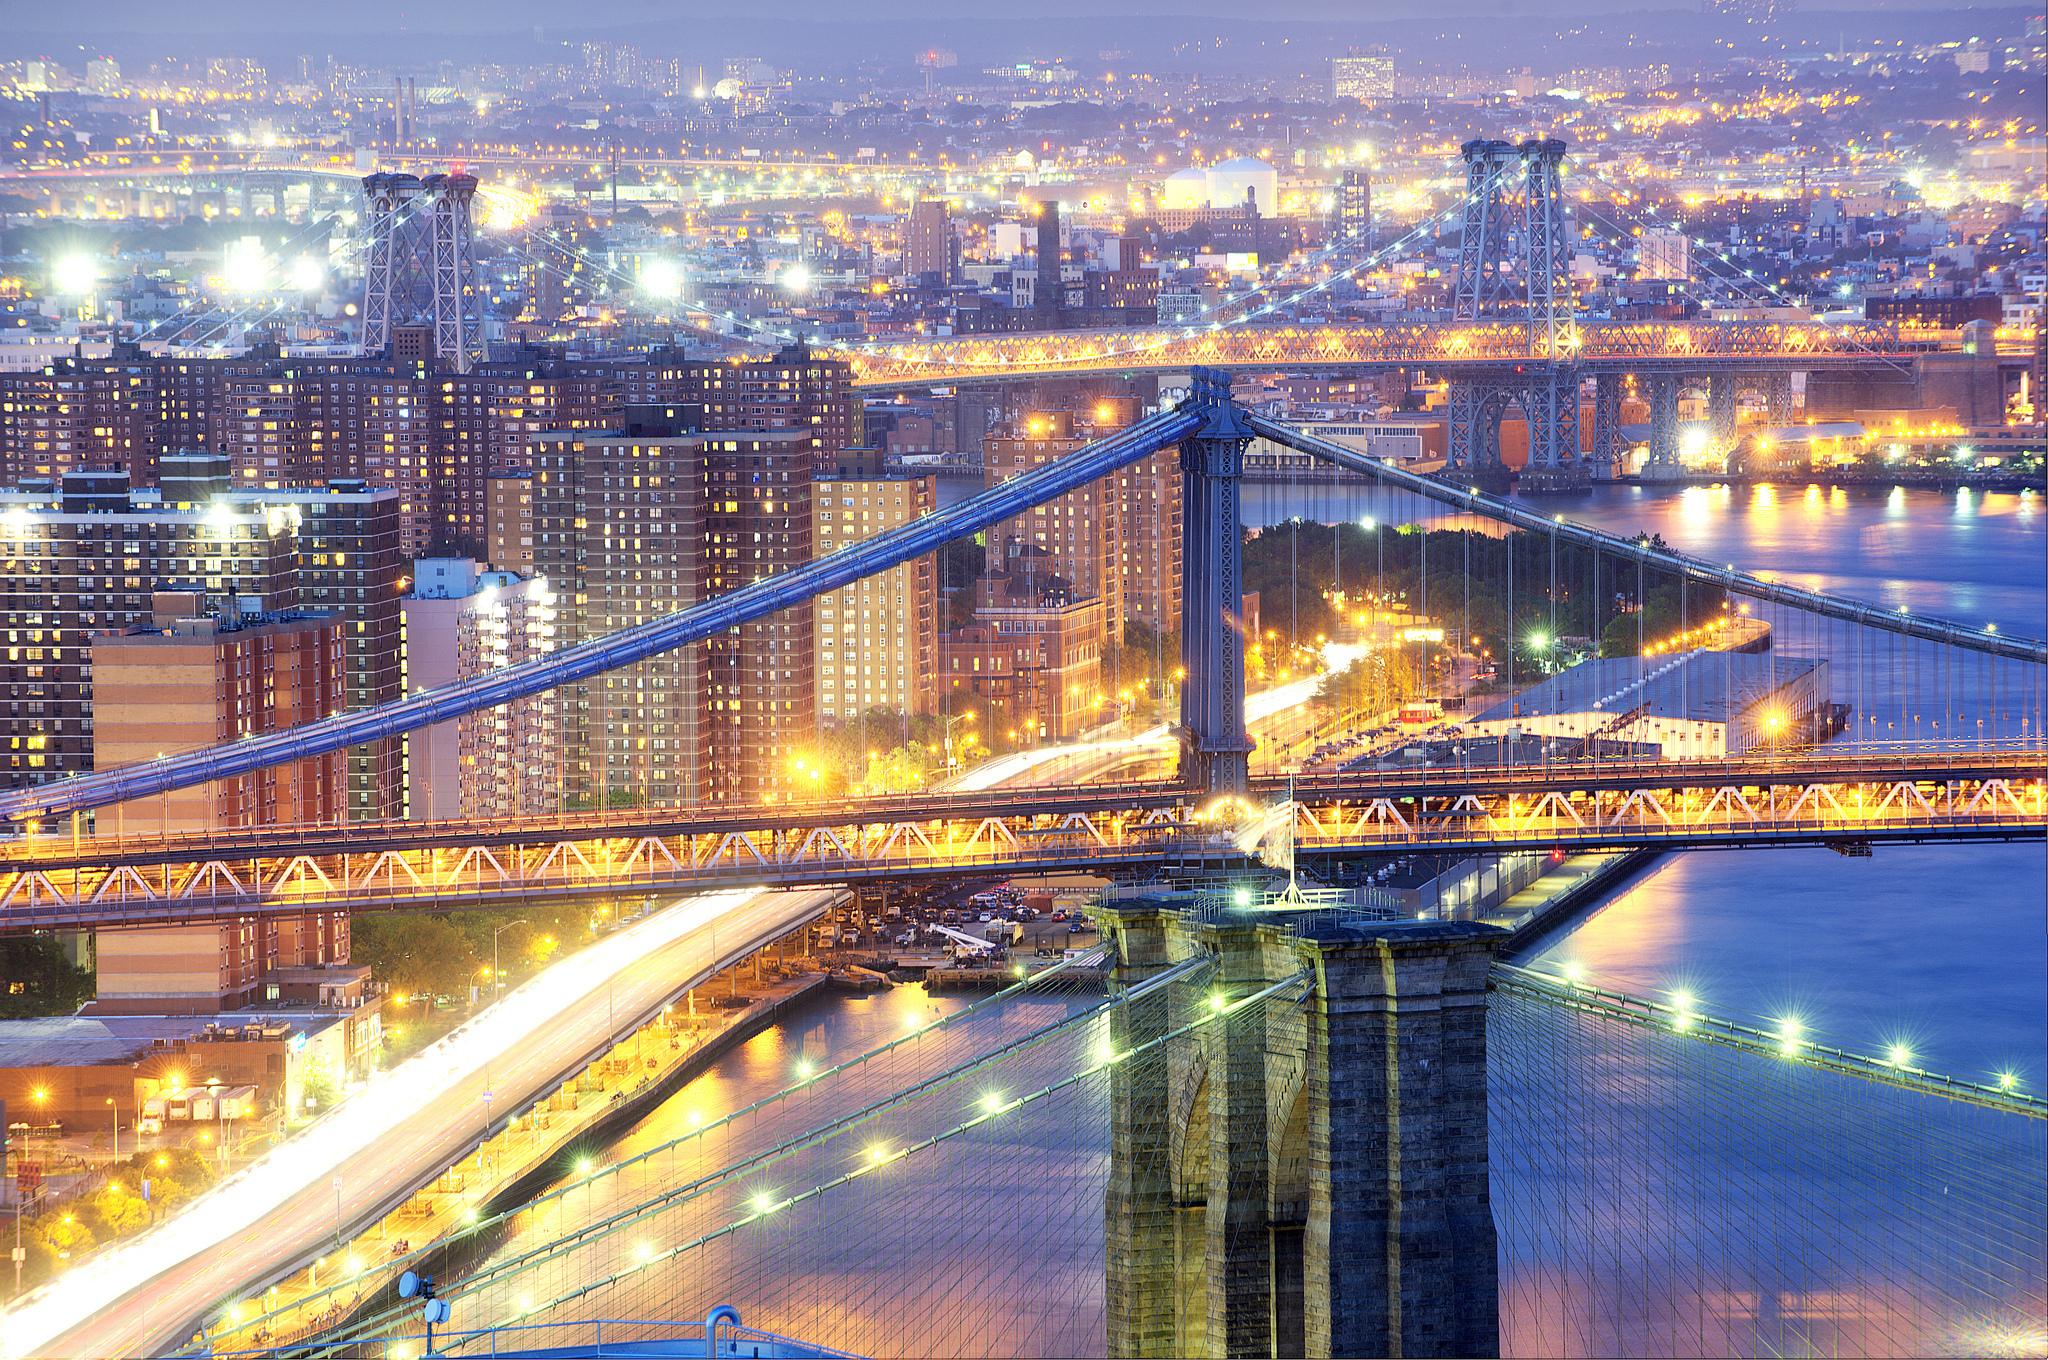 страны архитектура Бруклинский мост река ночь США Нью-Йорк бесплатно